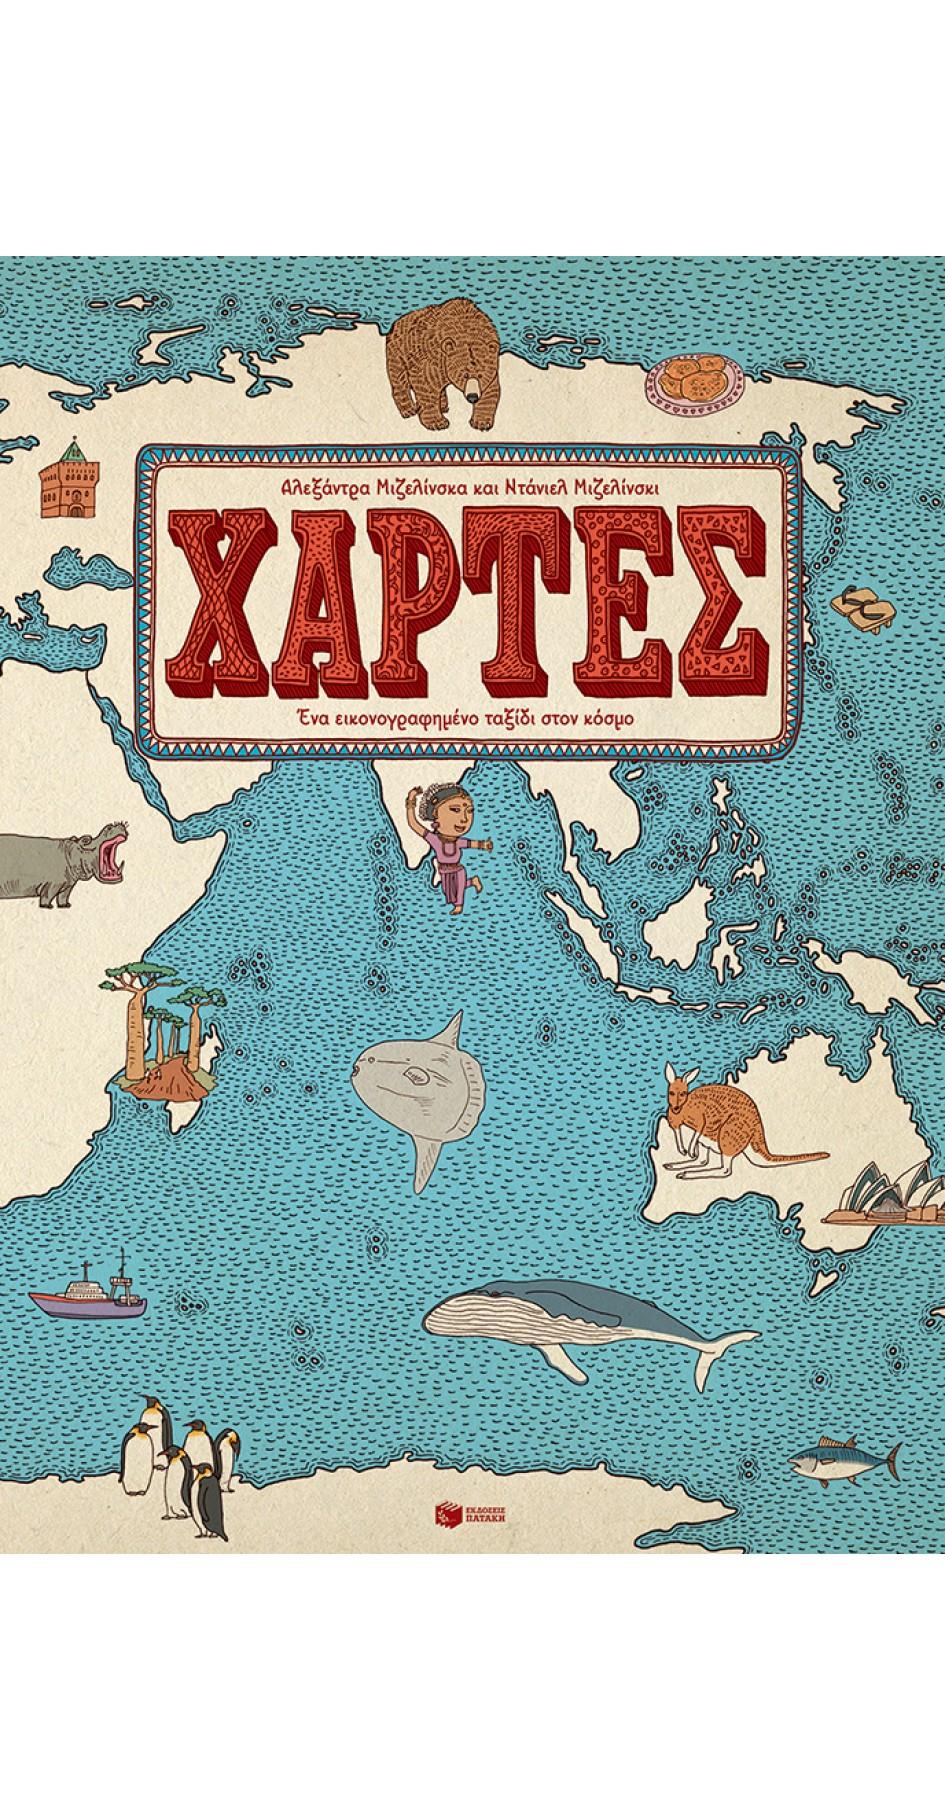 Χάρτες, ένα εικονογραφημένο ταξίδι στον κόσμο (book in Greek)